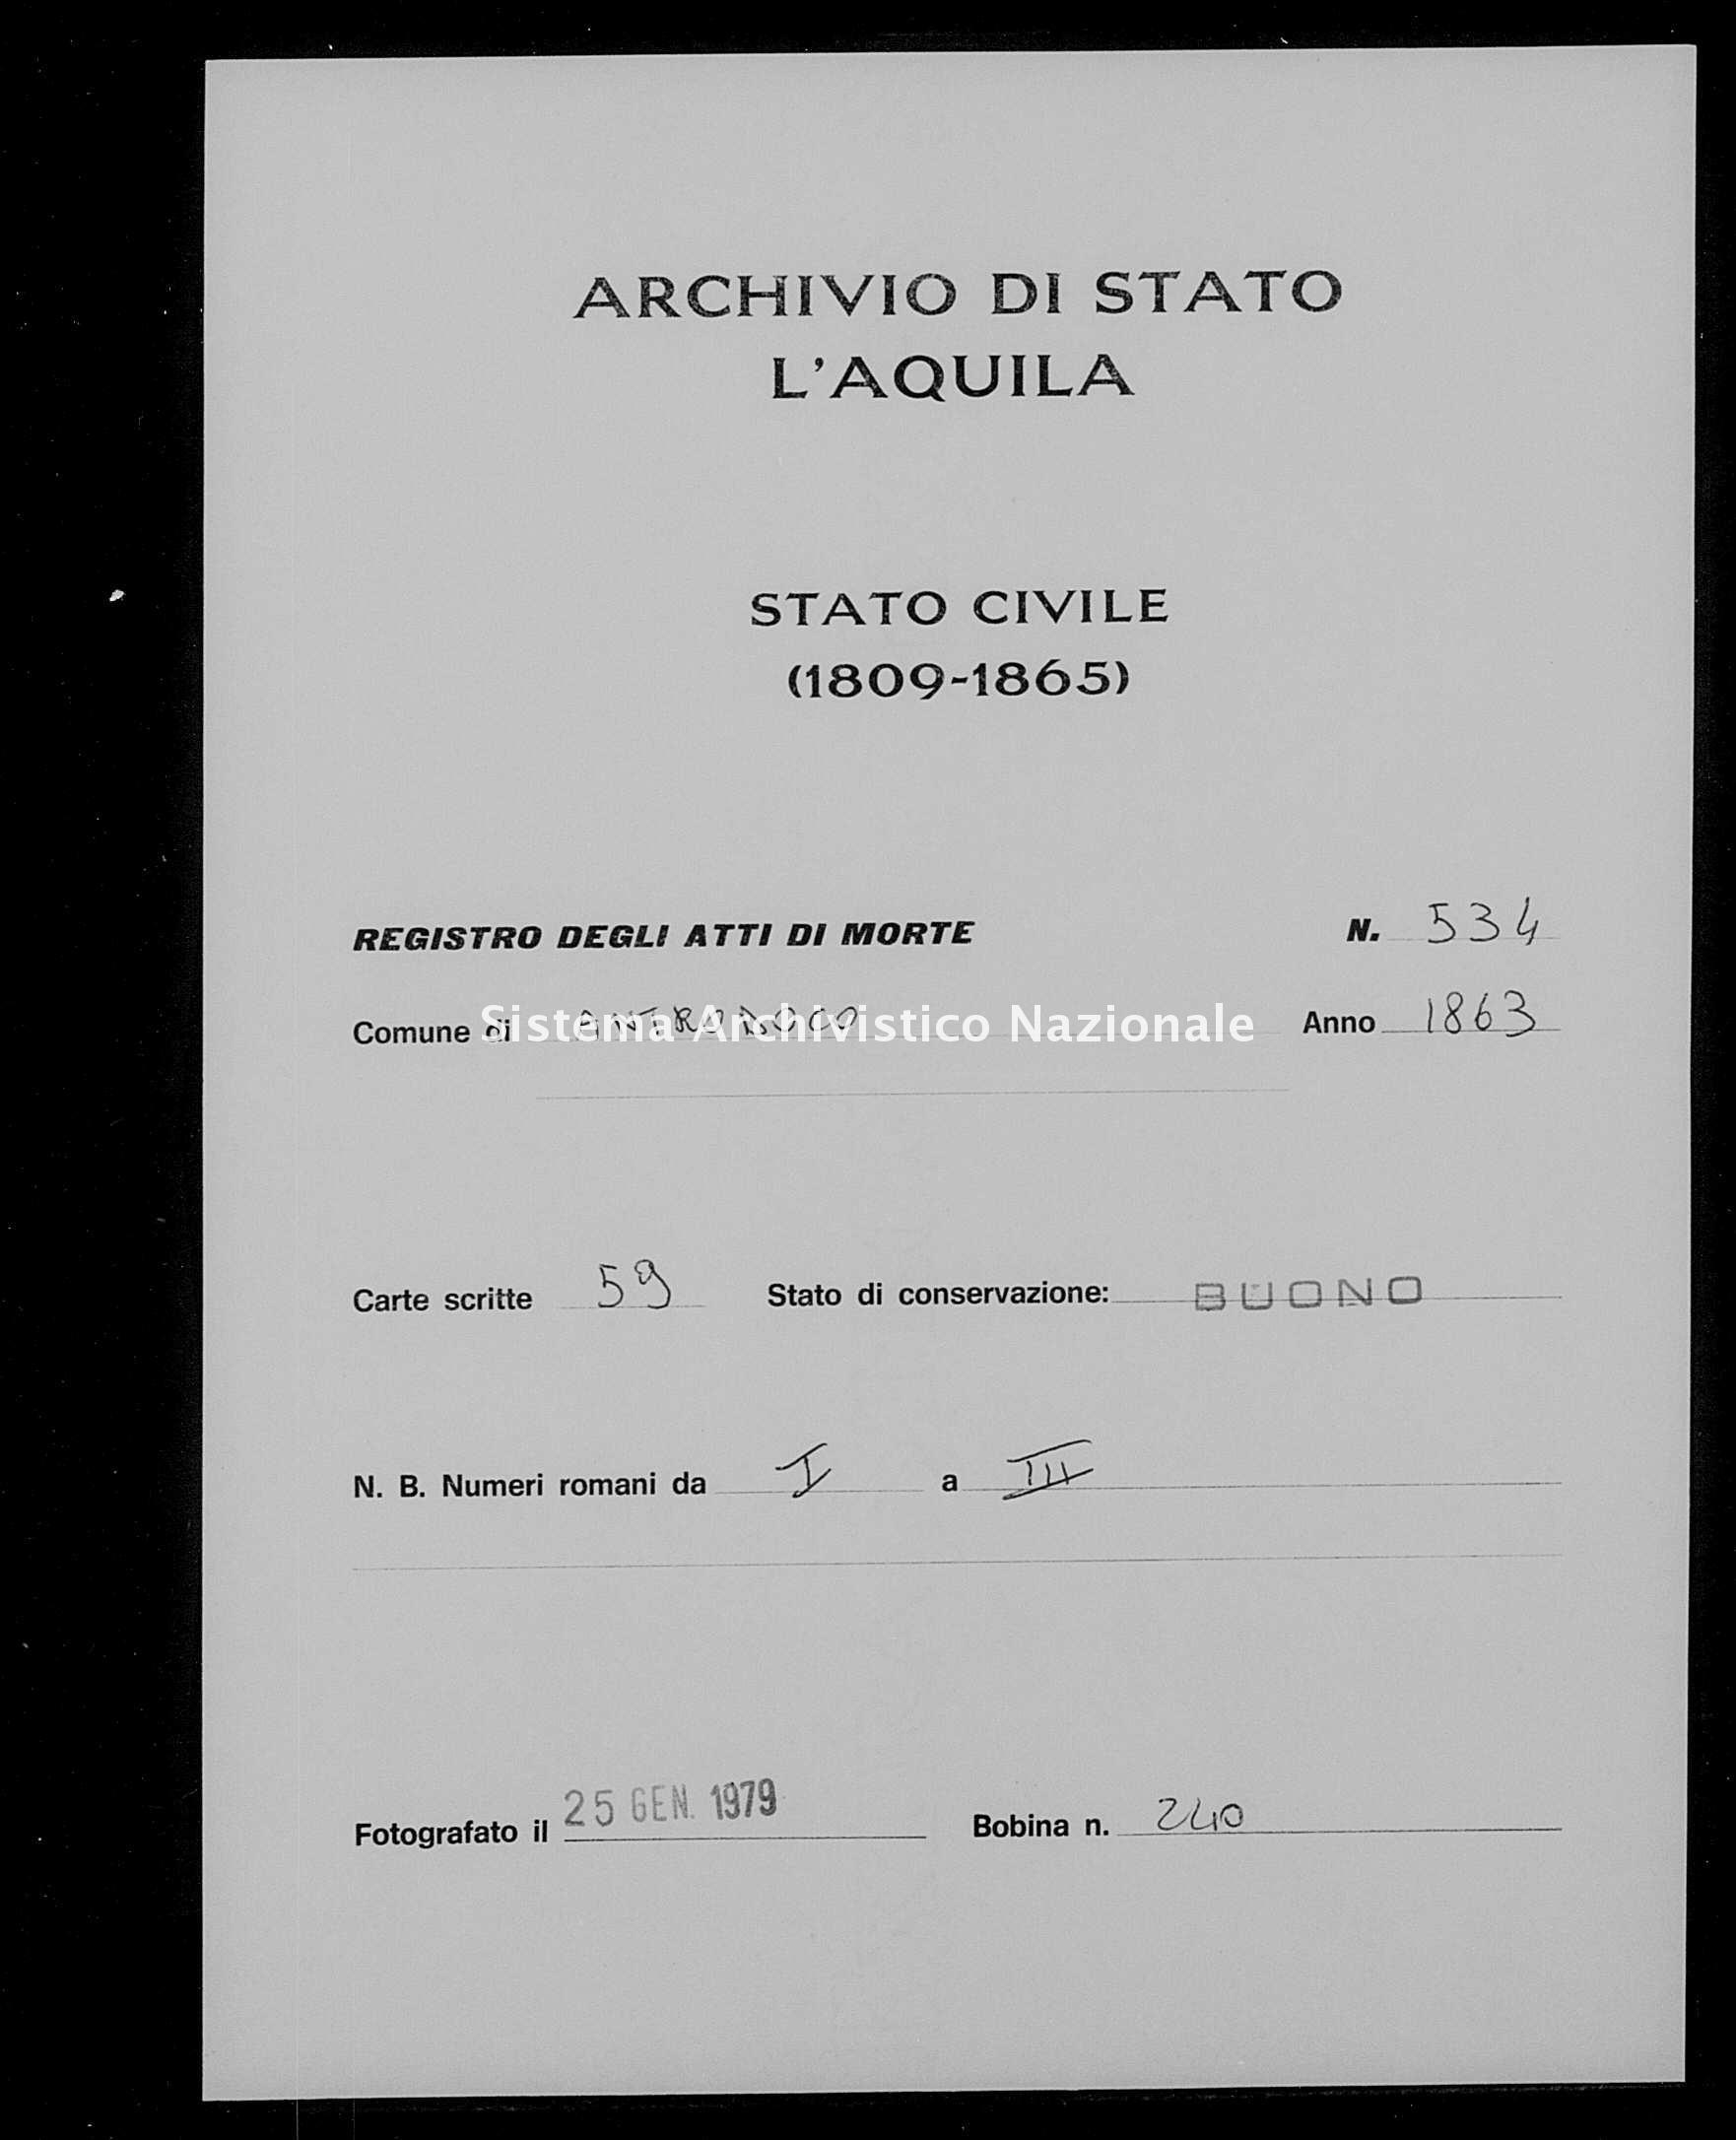 Archivio di stato di L'aquila - Stato civile italiano - Antrodoco - Morti - 1863 - 534 -